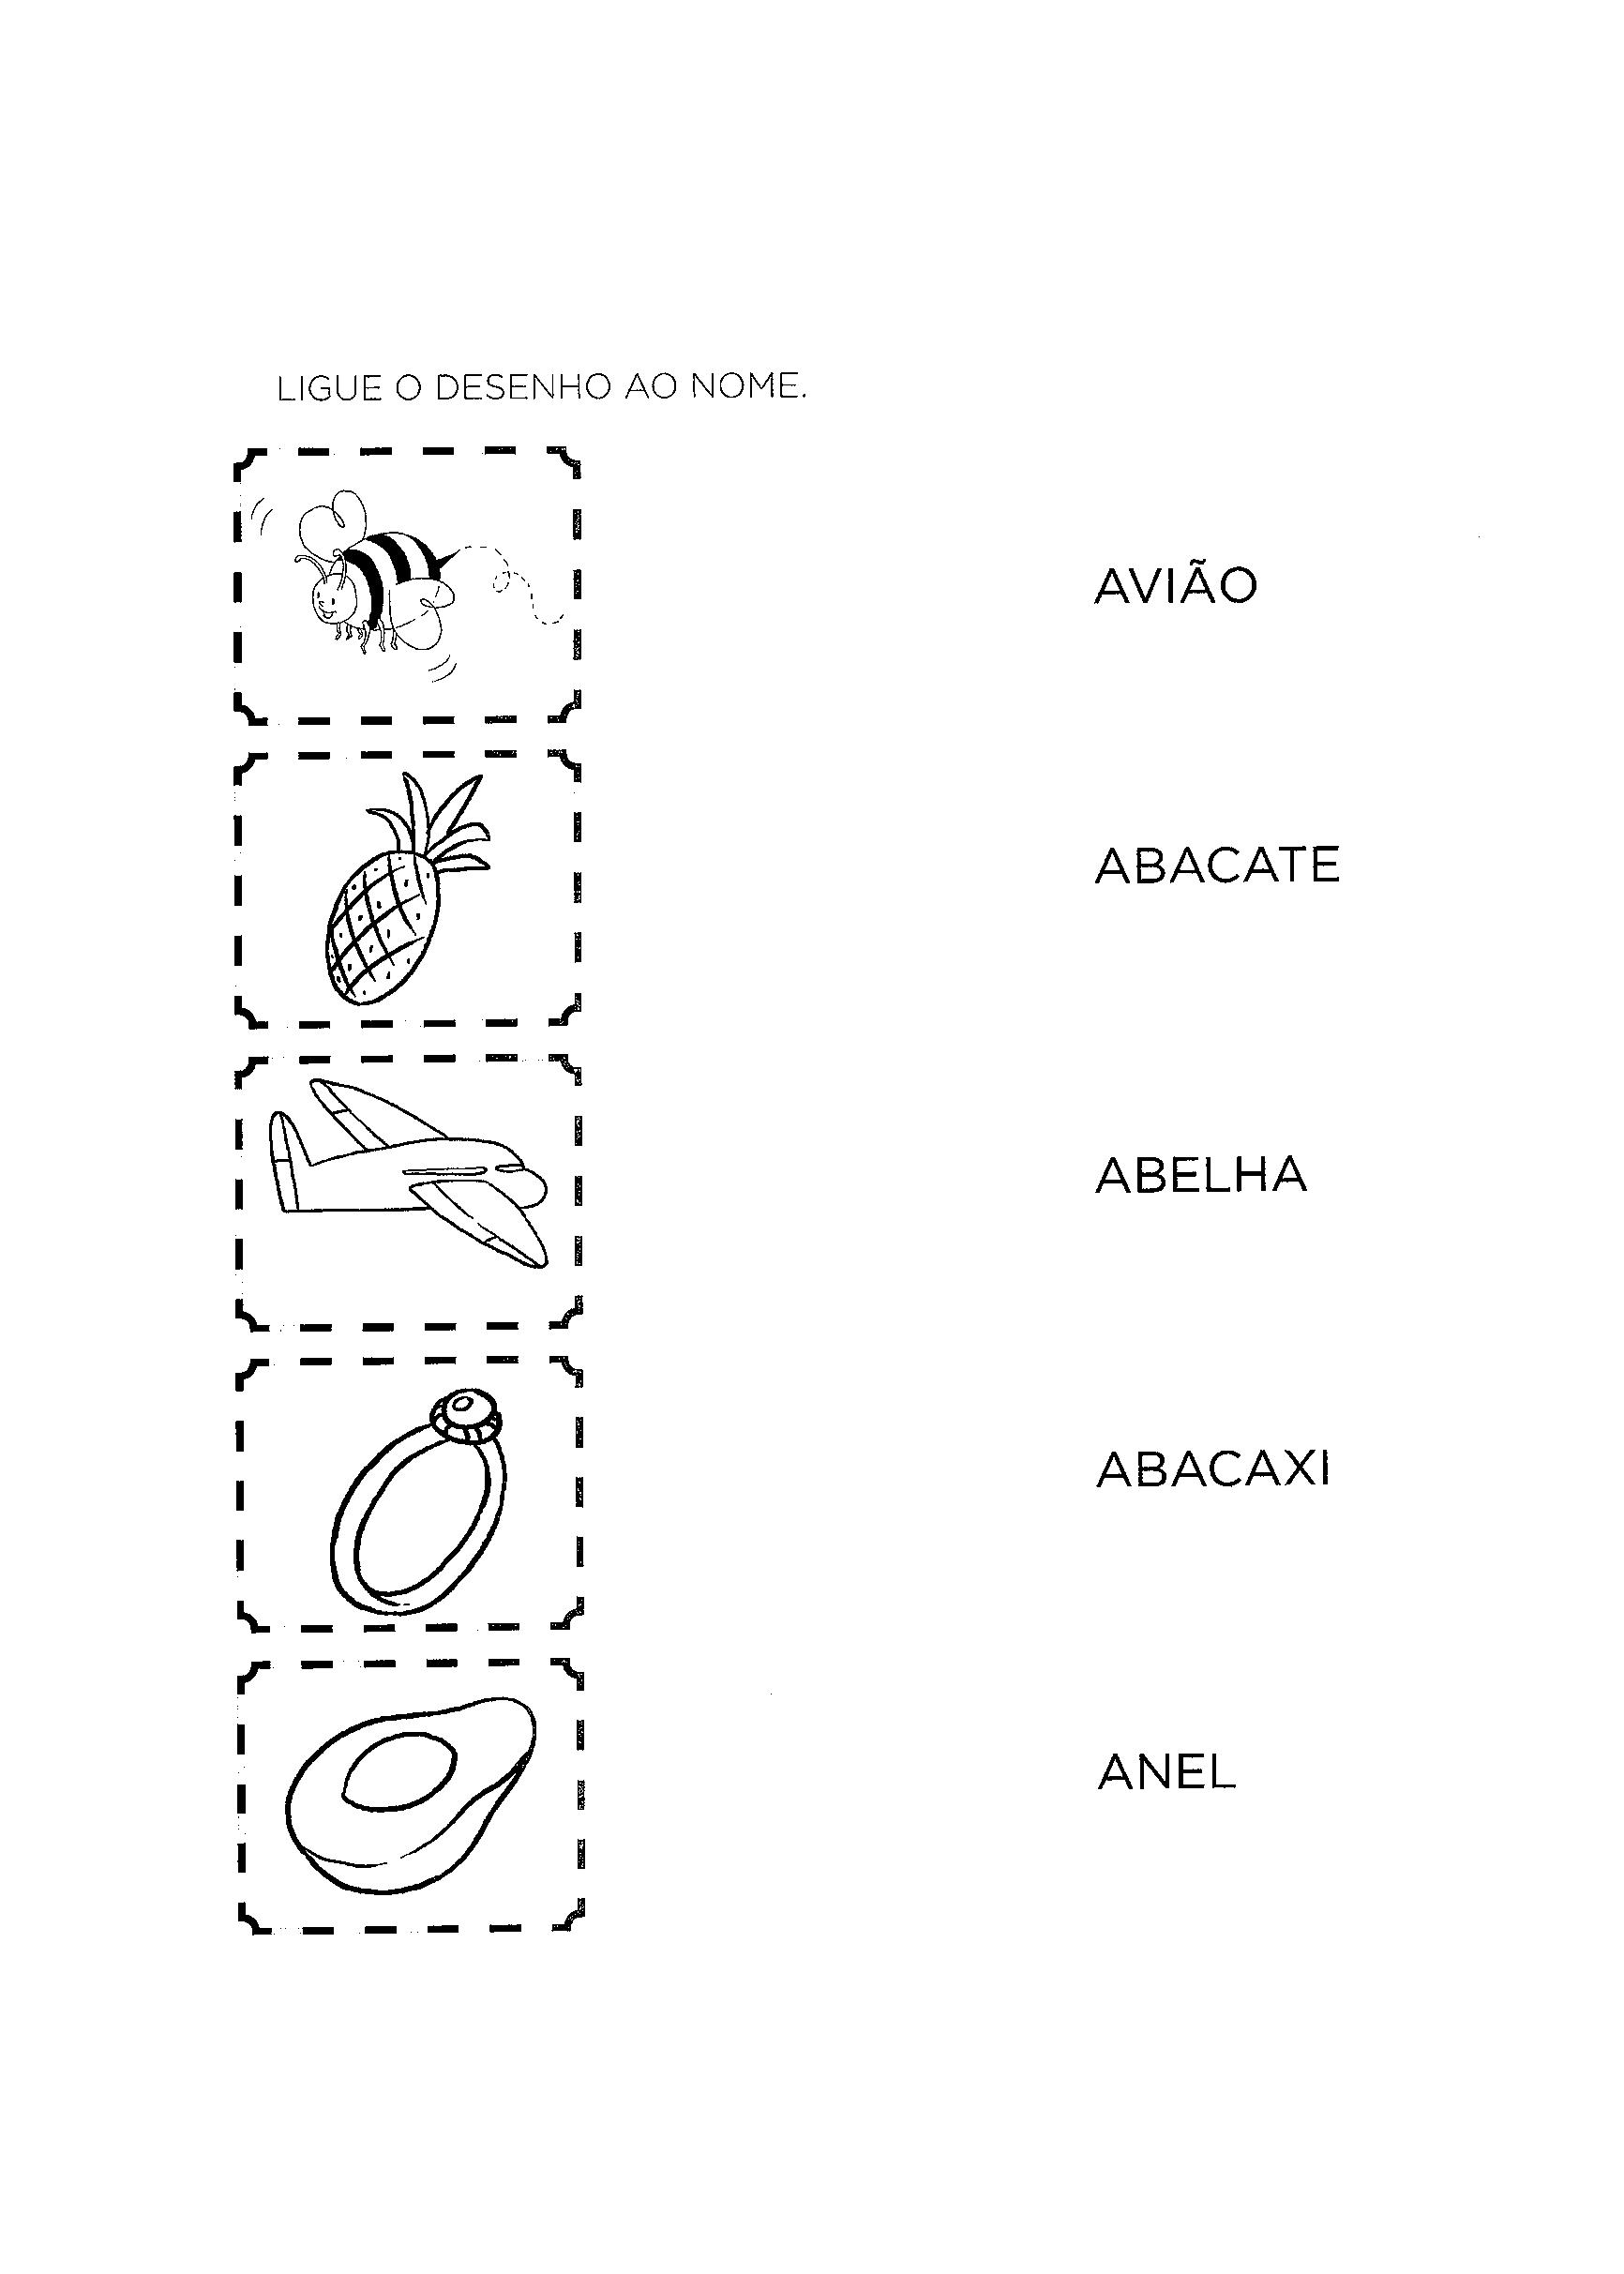 alfabetização ligar desenho ao nome letra a